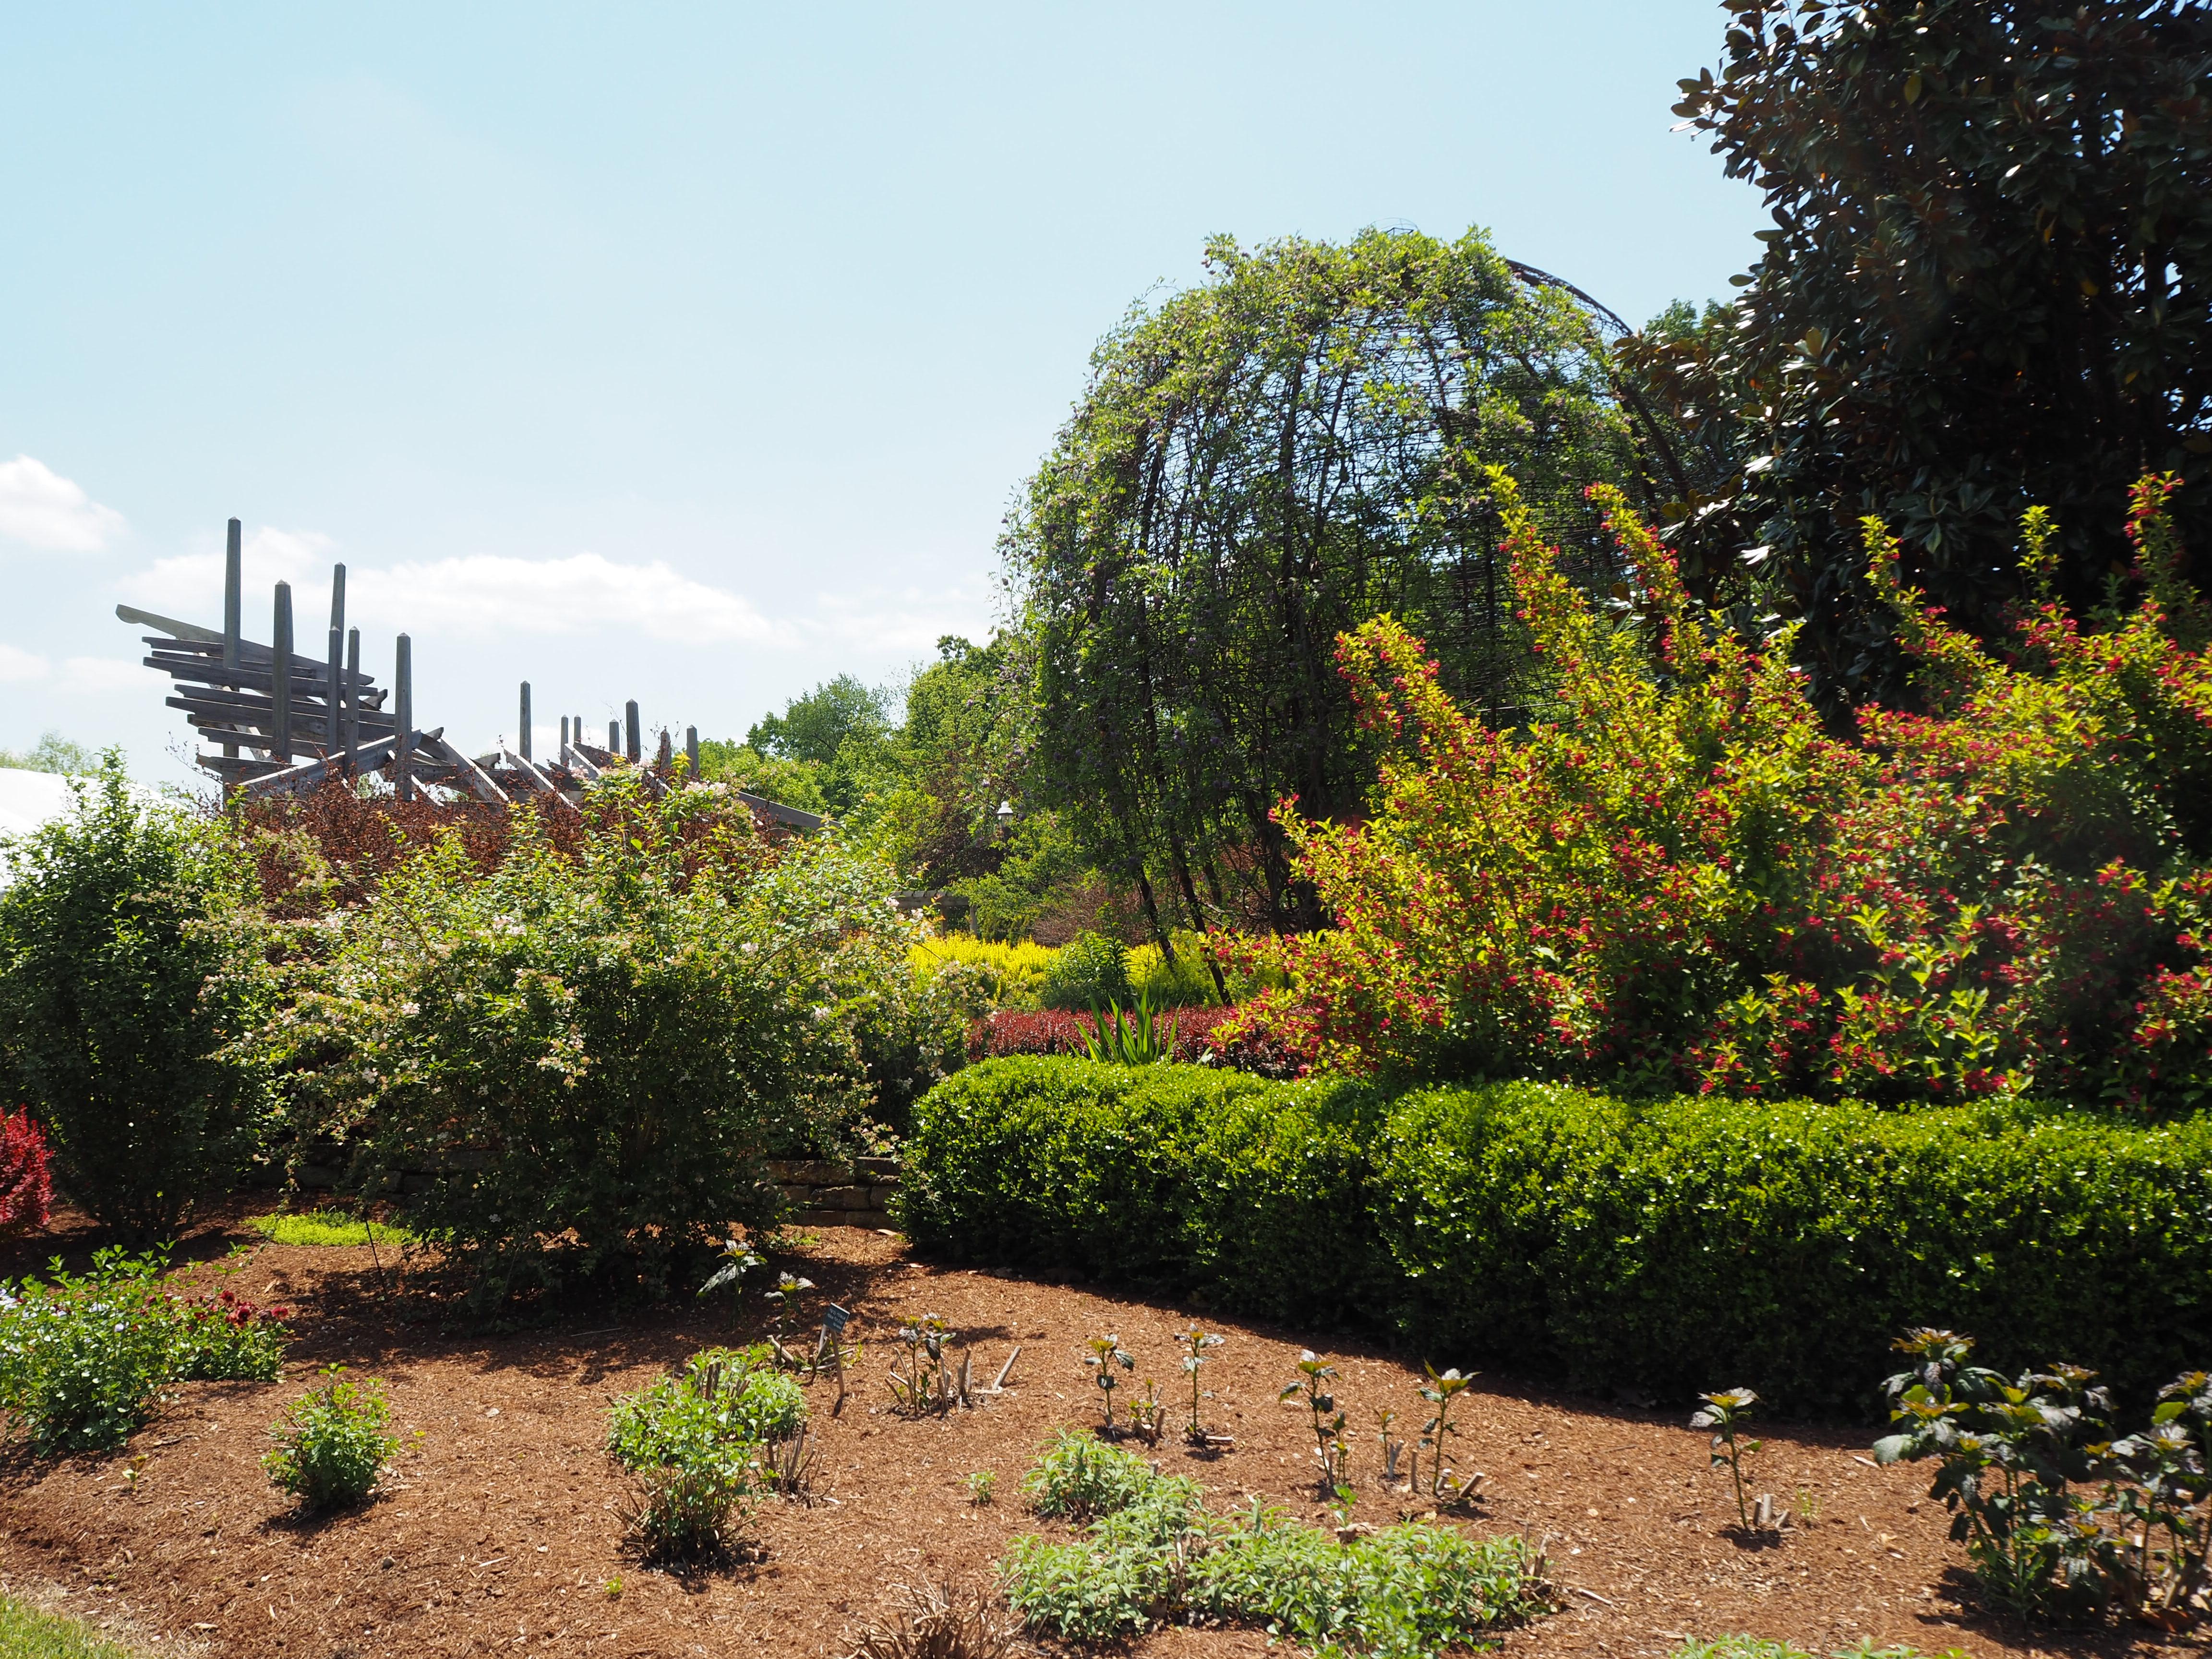 Plant Sale Botanical Garden Of The Ozarks